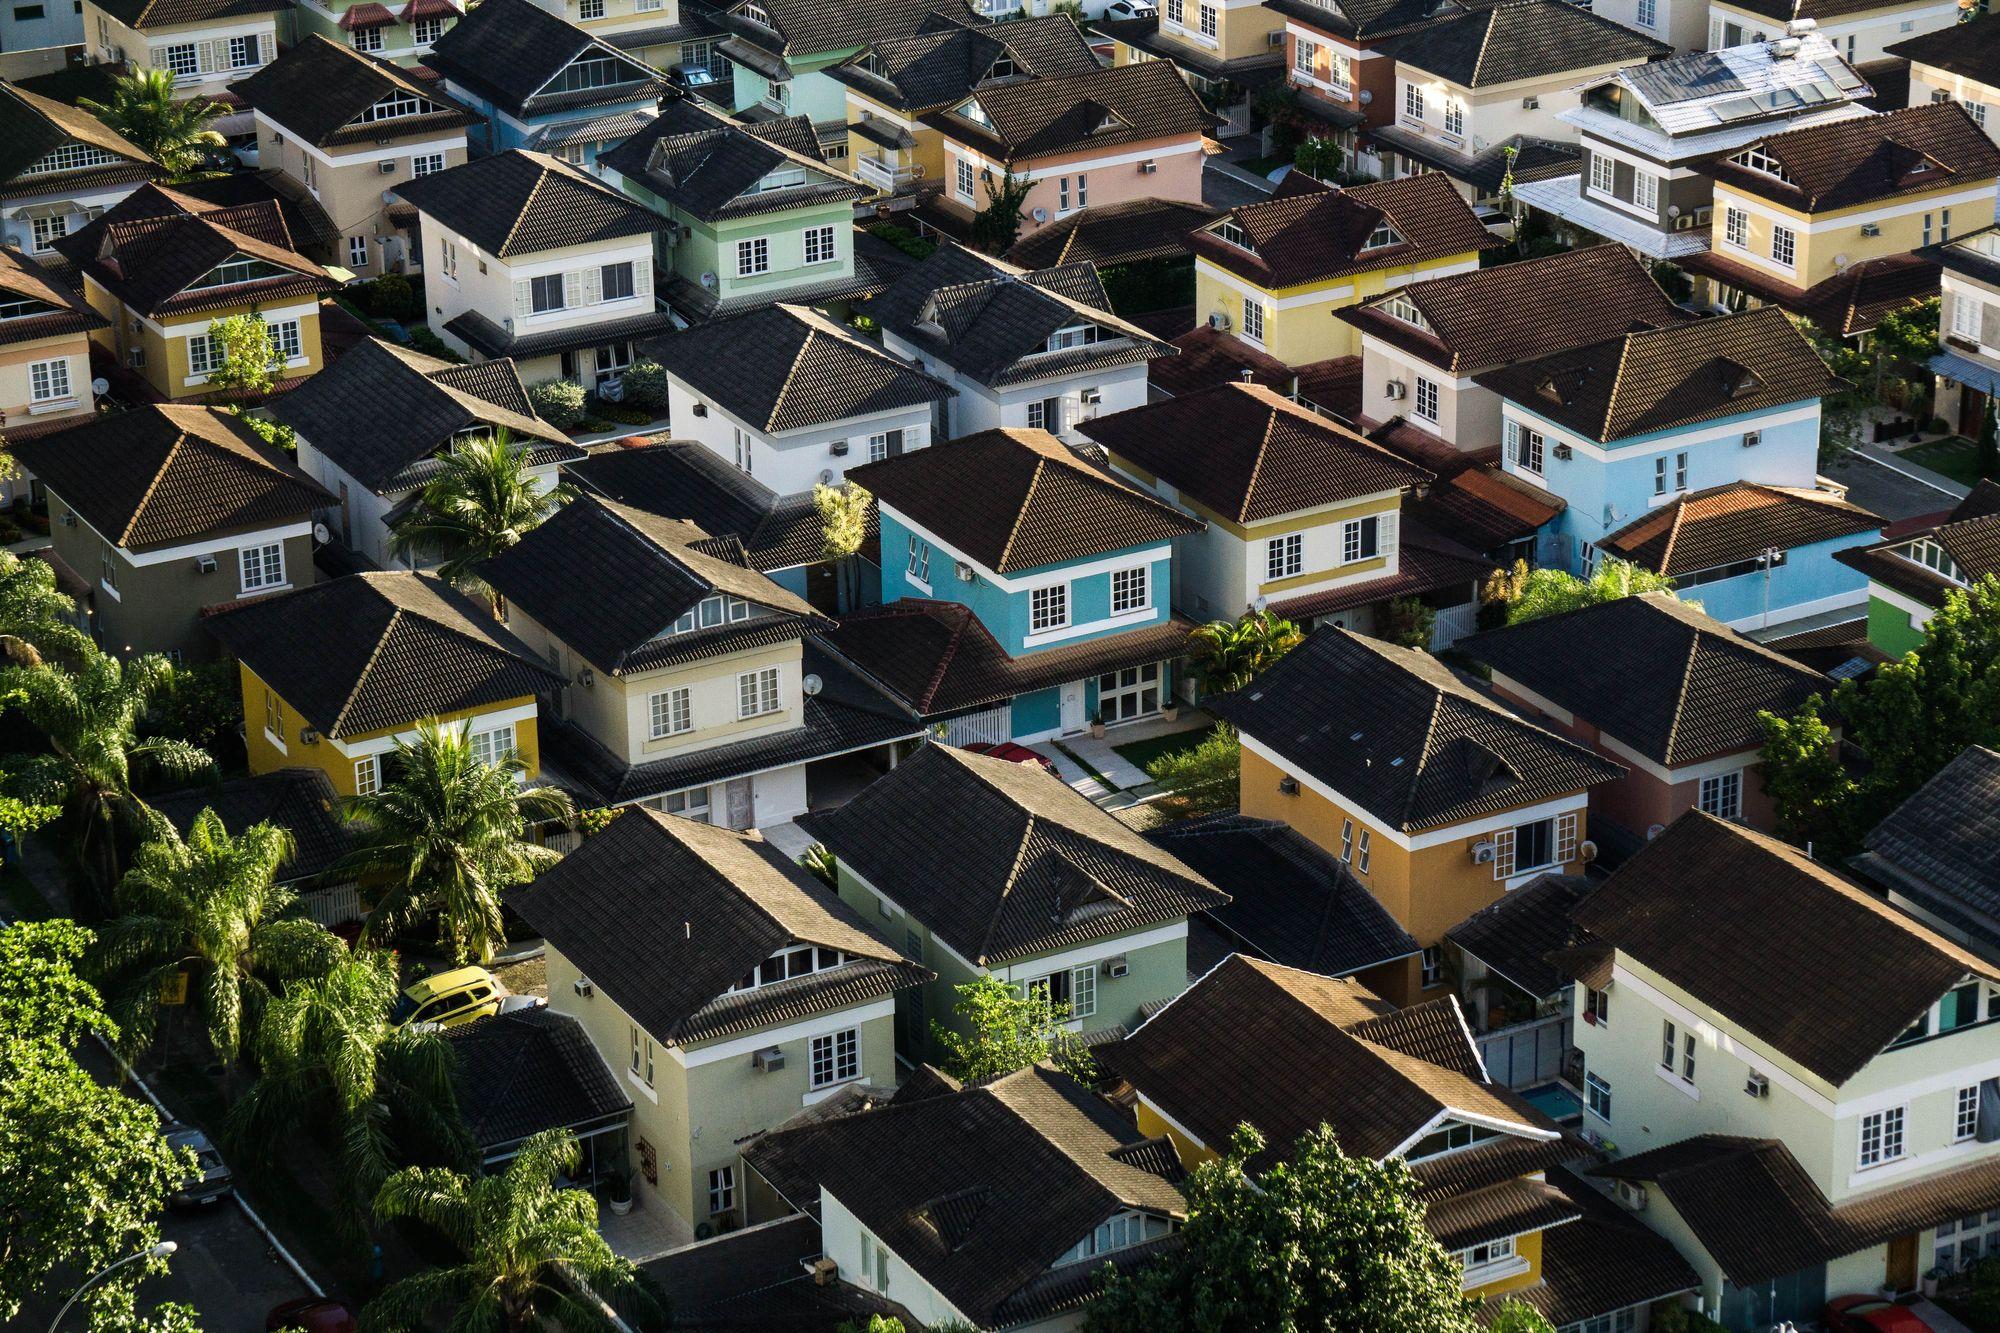 Mengetahui Macam Macam Properti Rumah sebelum Melakukan Investasi